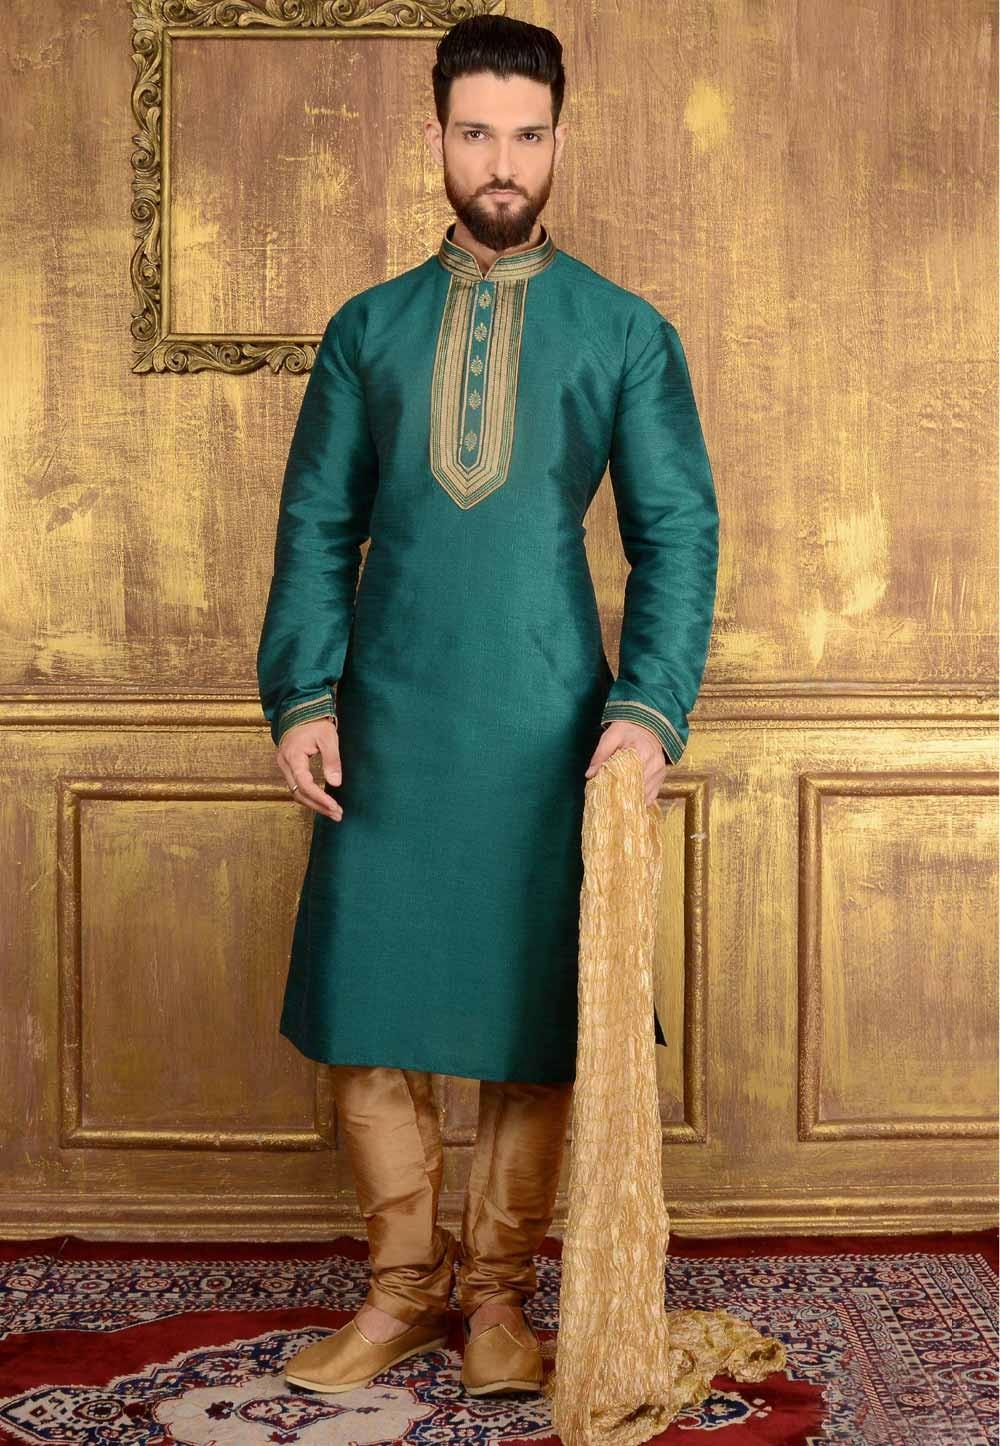 Exquisite Teal Green Color Art Silk Readymade Kurta Pajama.